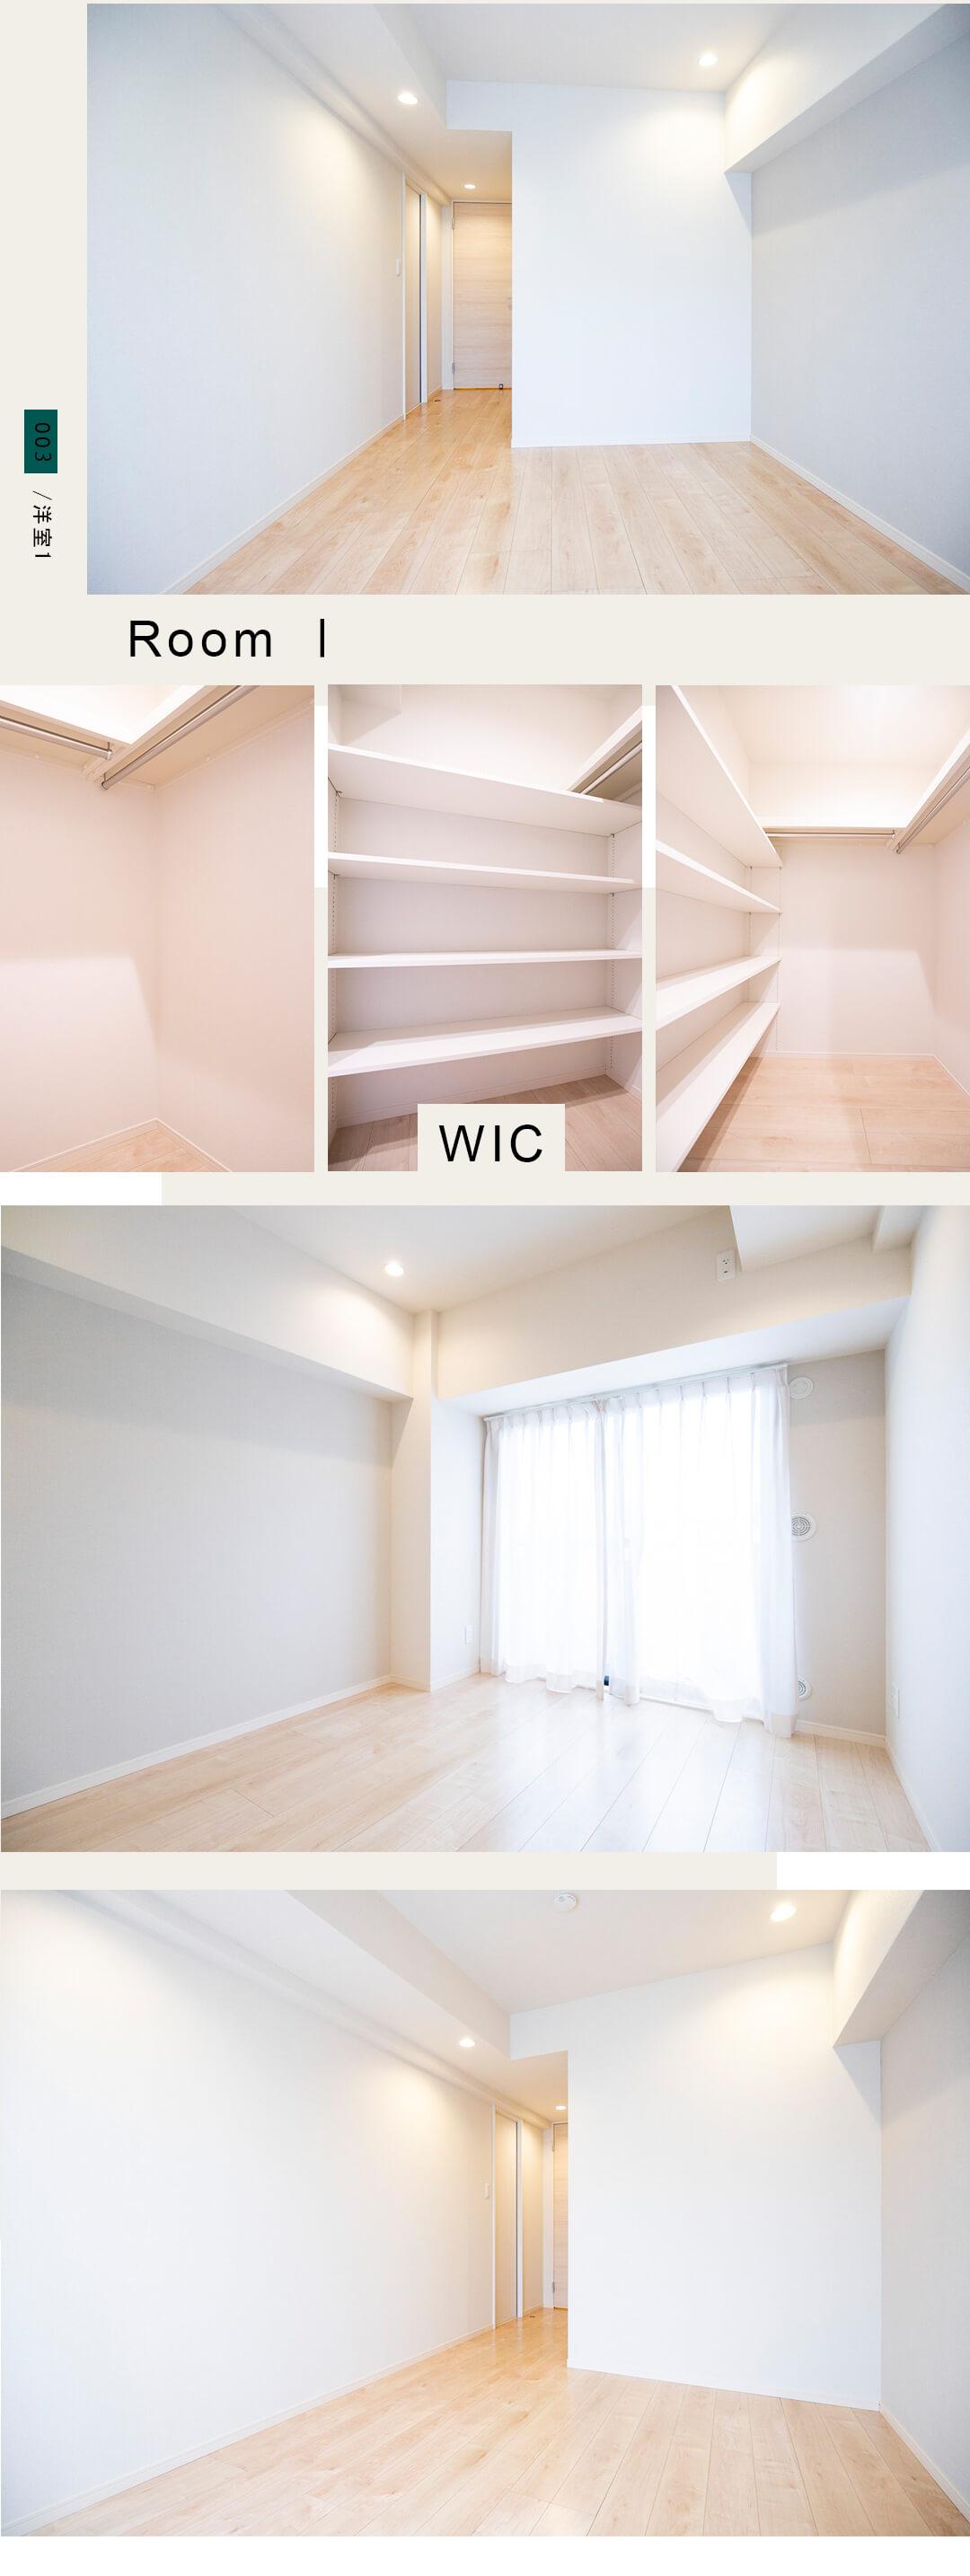 03洋室1,Room Ⅰ